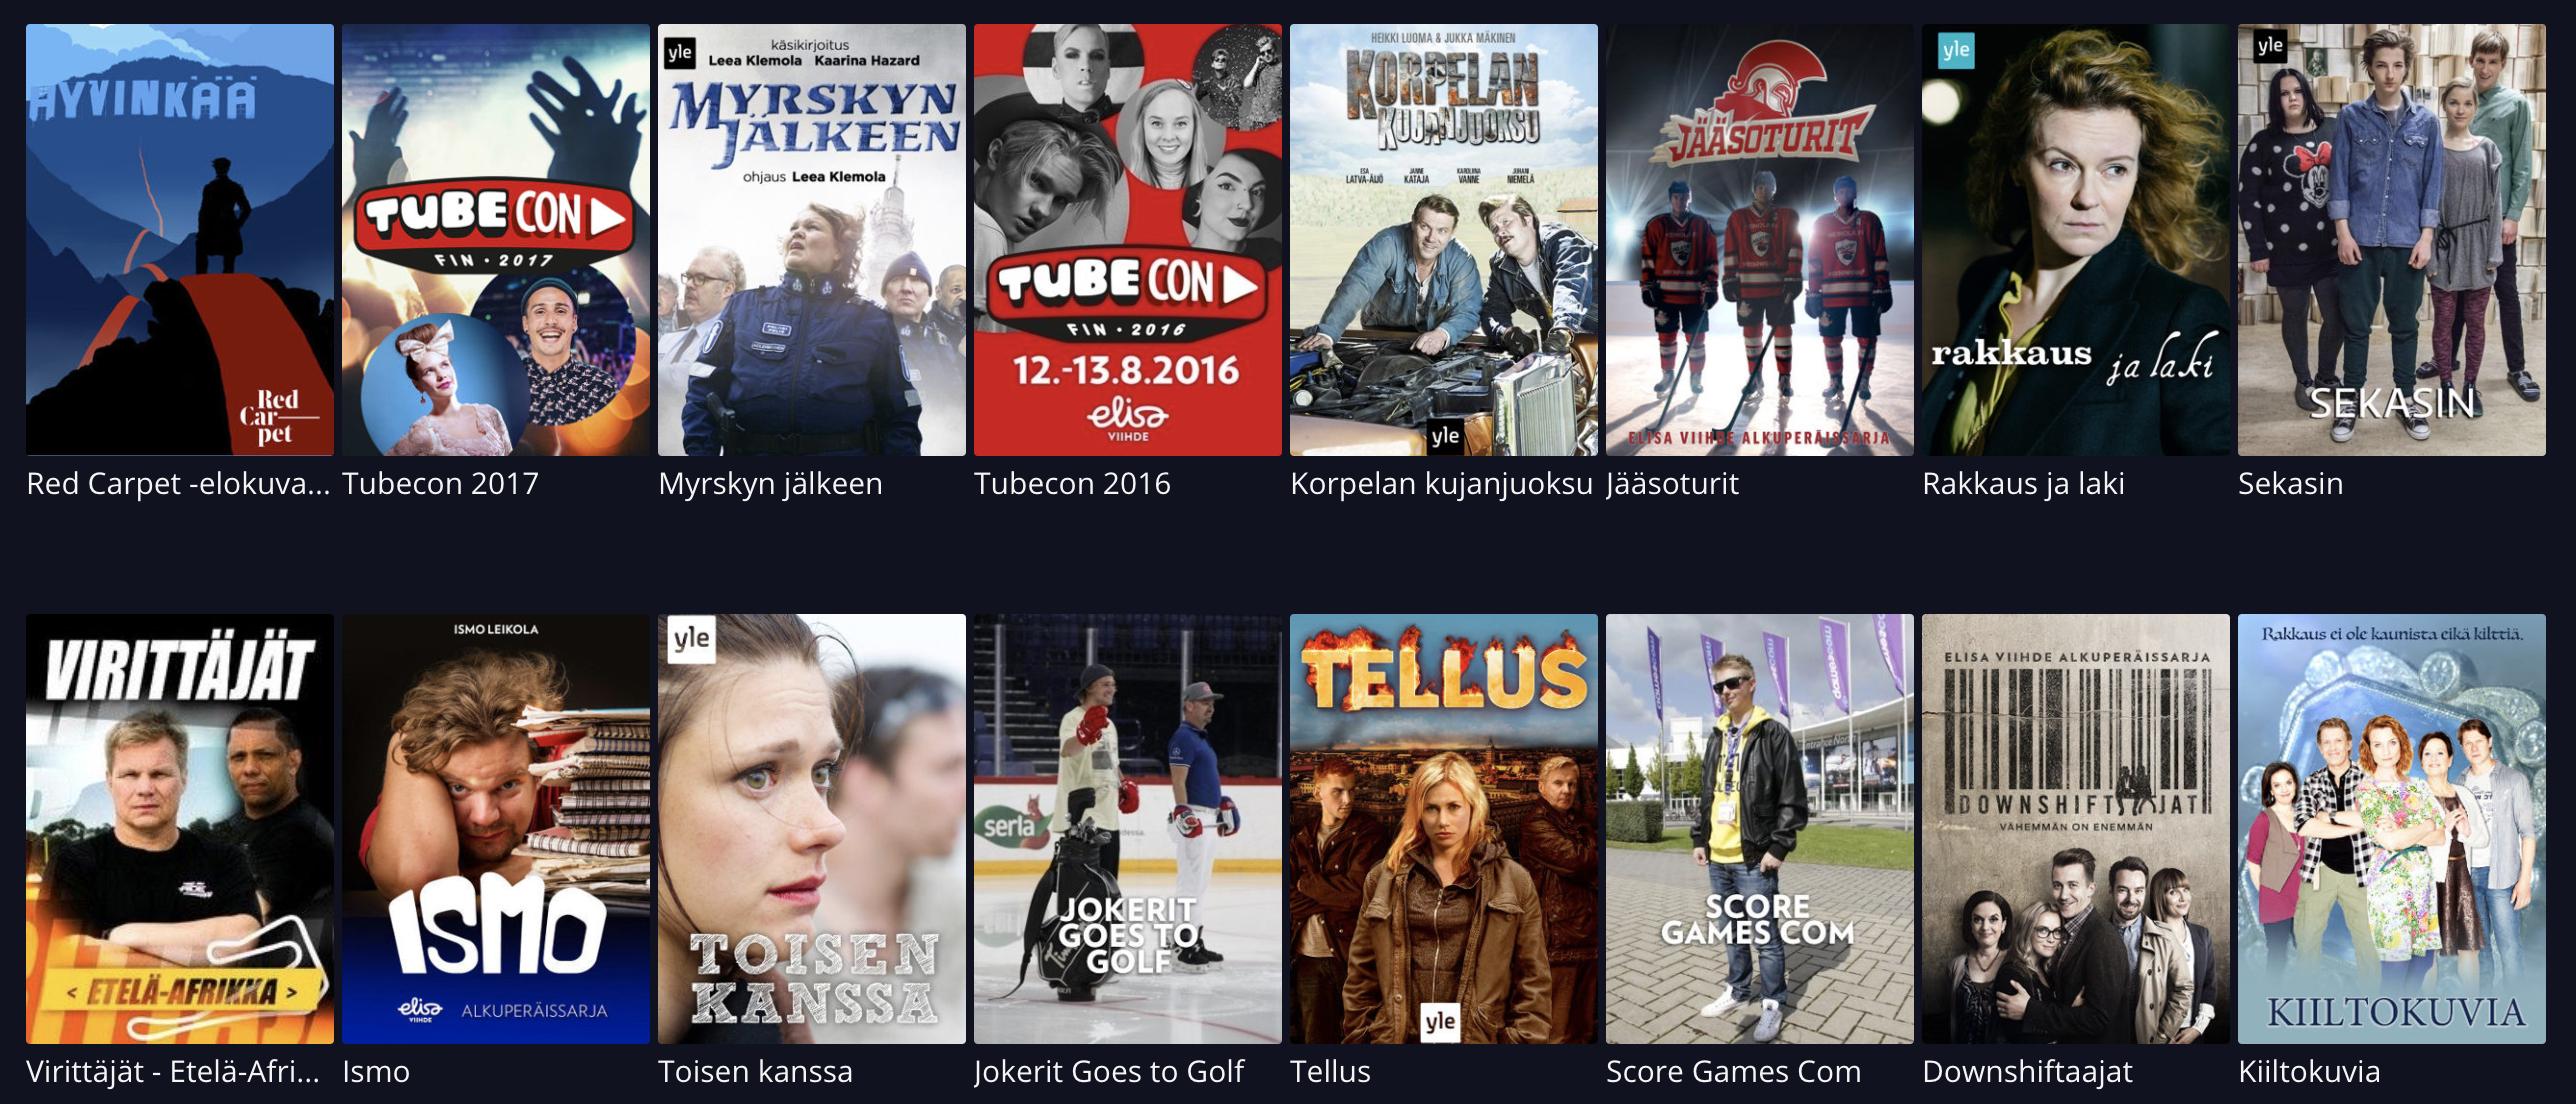 Kolumni: Miksi ruotsalaiset televisiosarjat ovat parempia kuin suomalaiset? Selitys on yksinkertainen